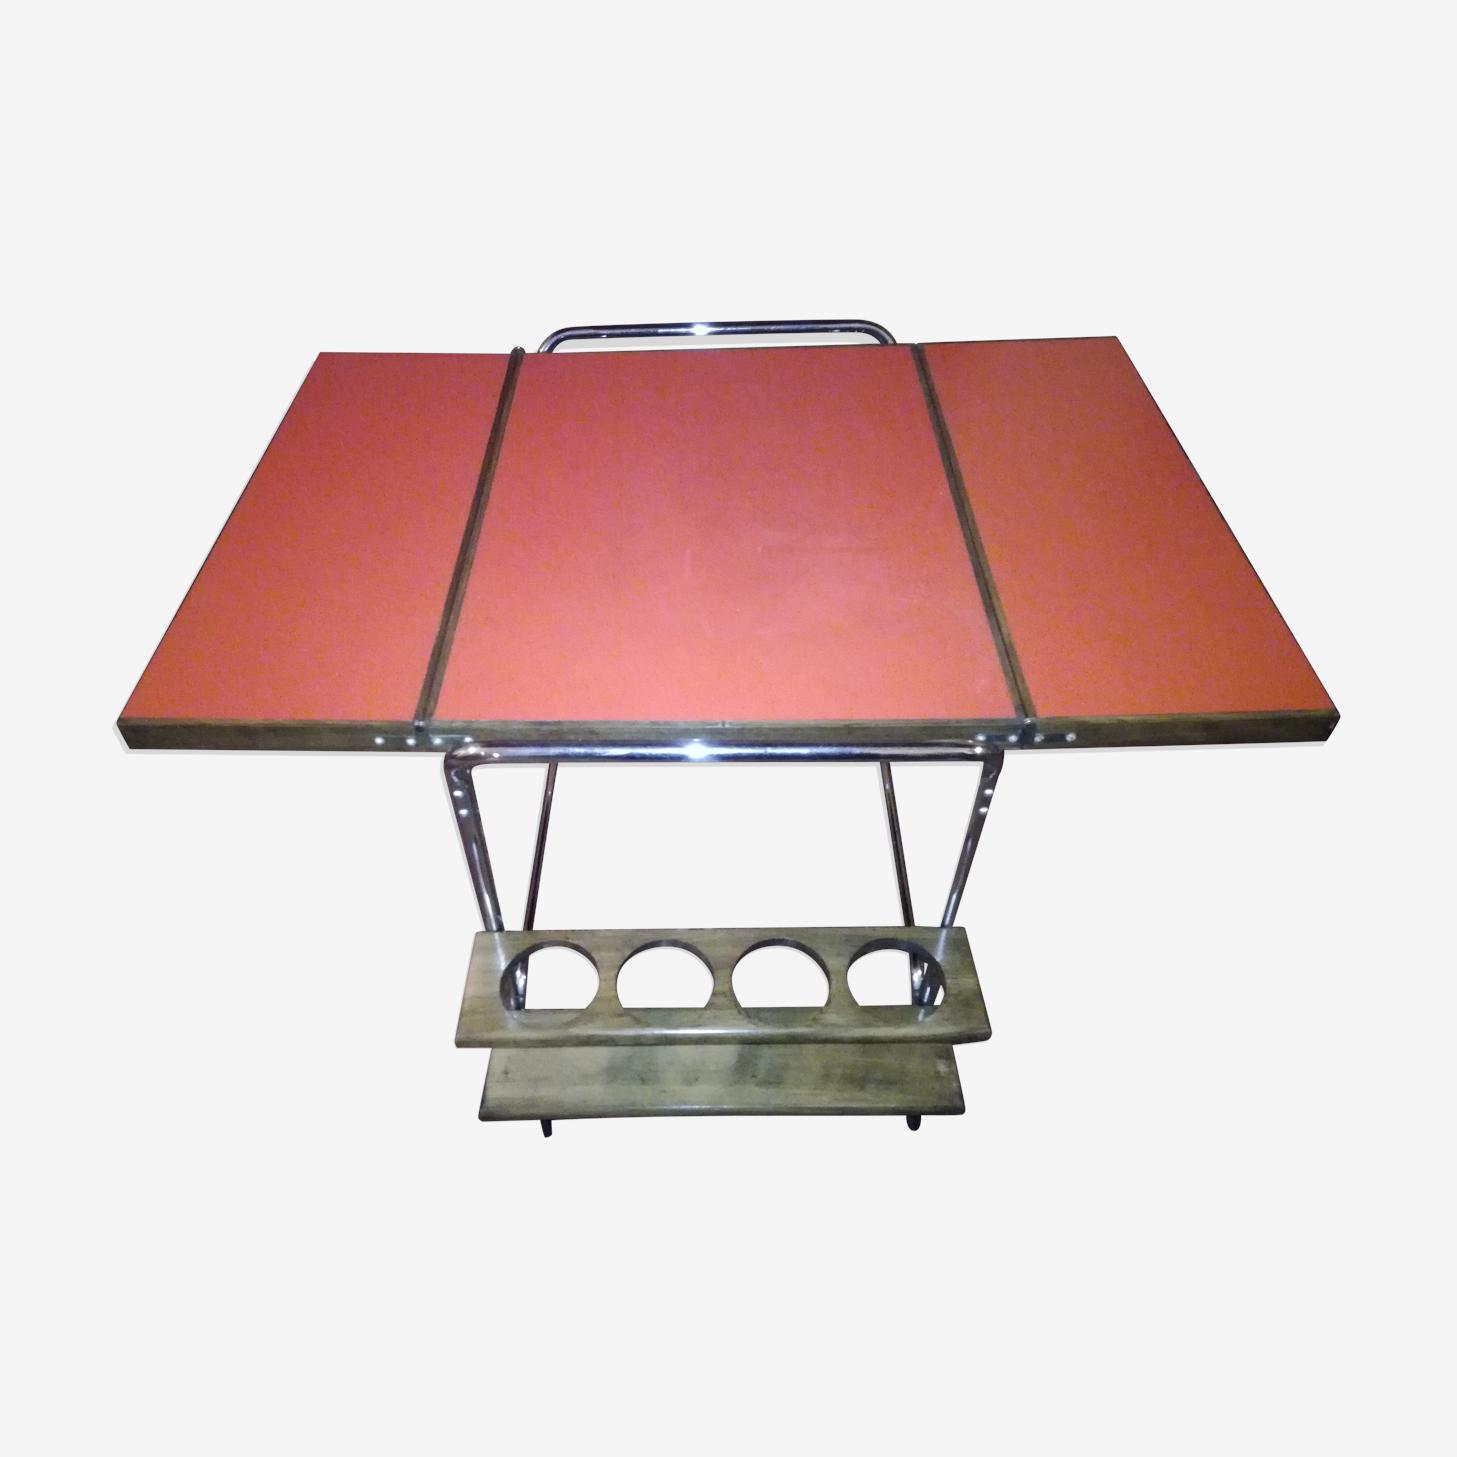 Table pliante mini bar jatrok